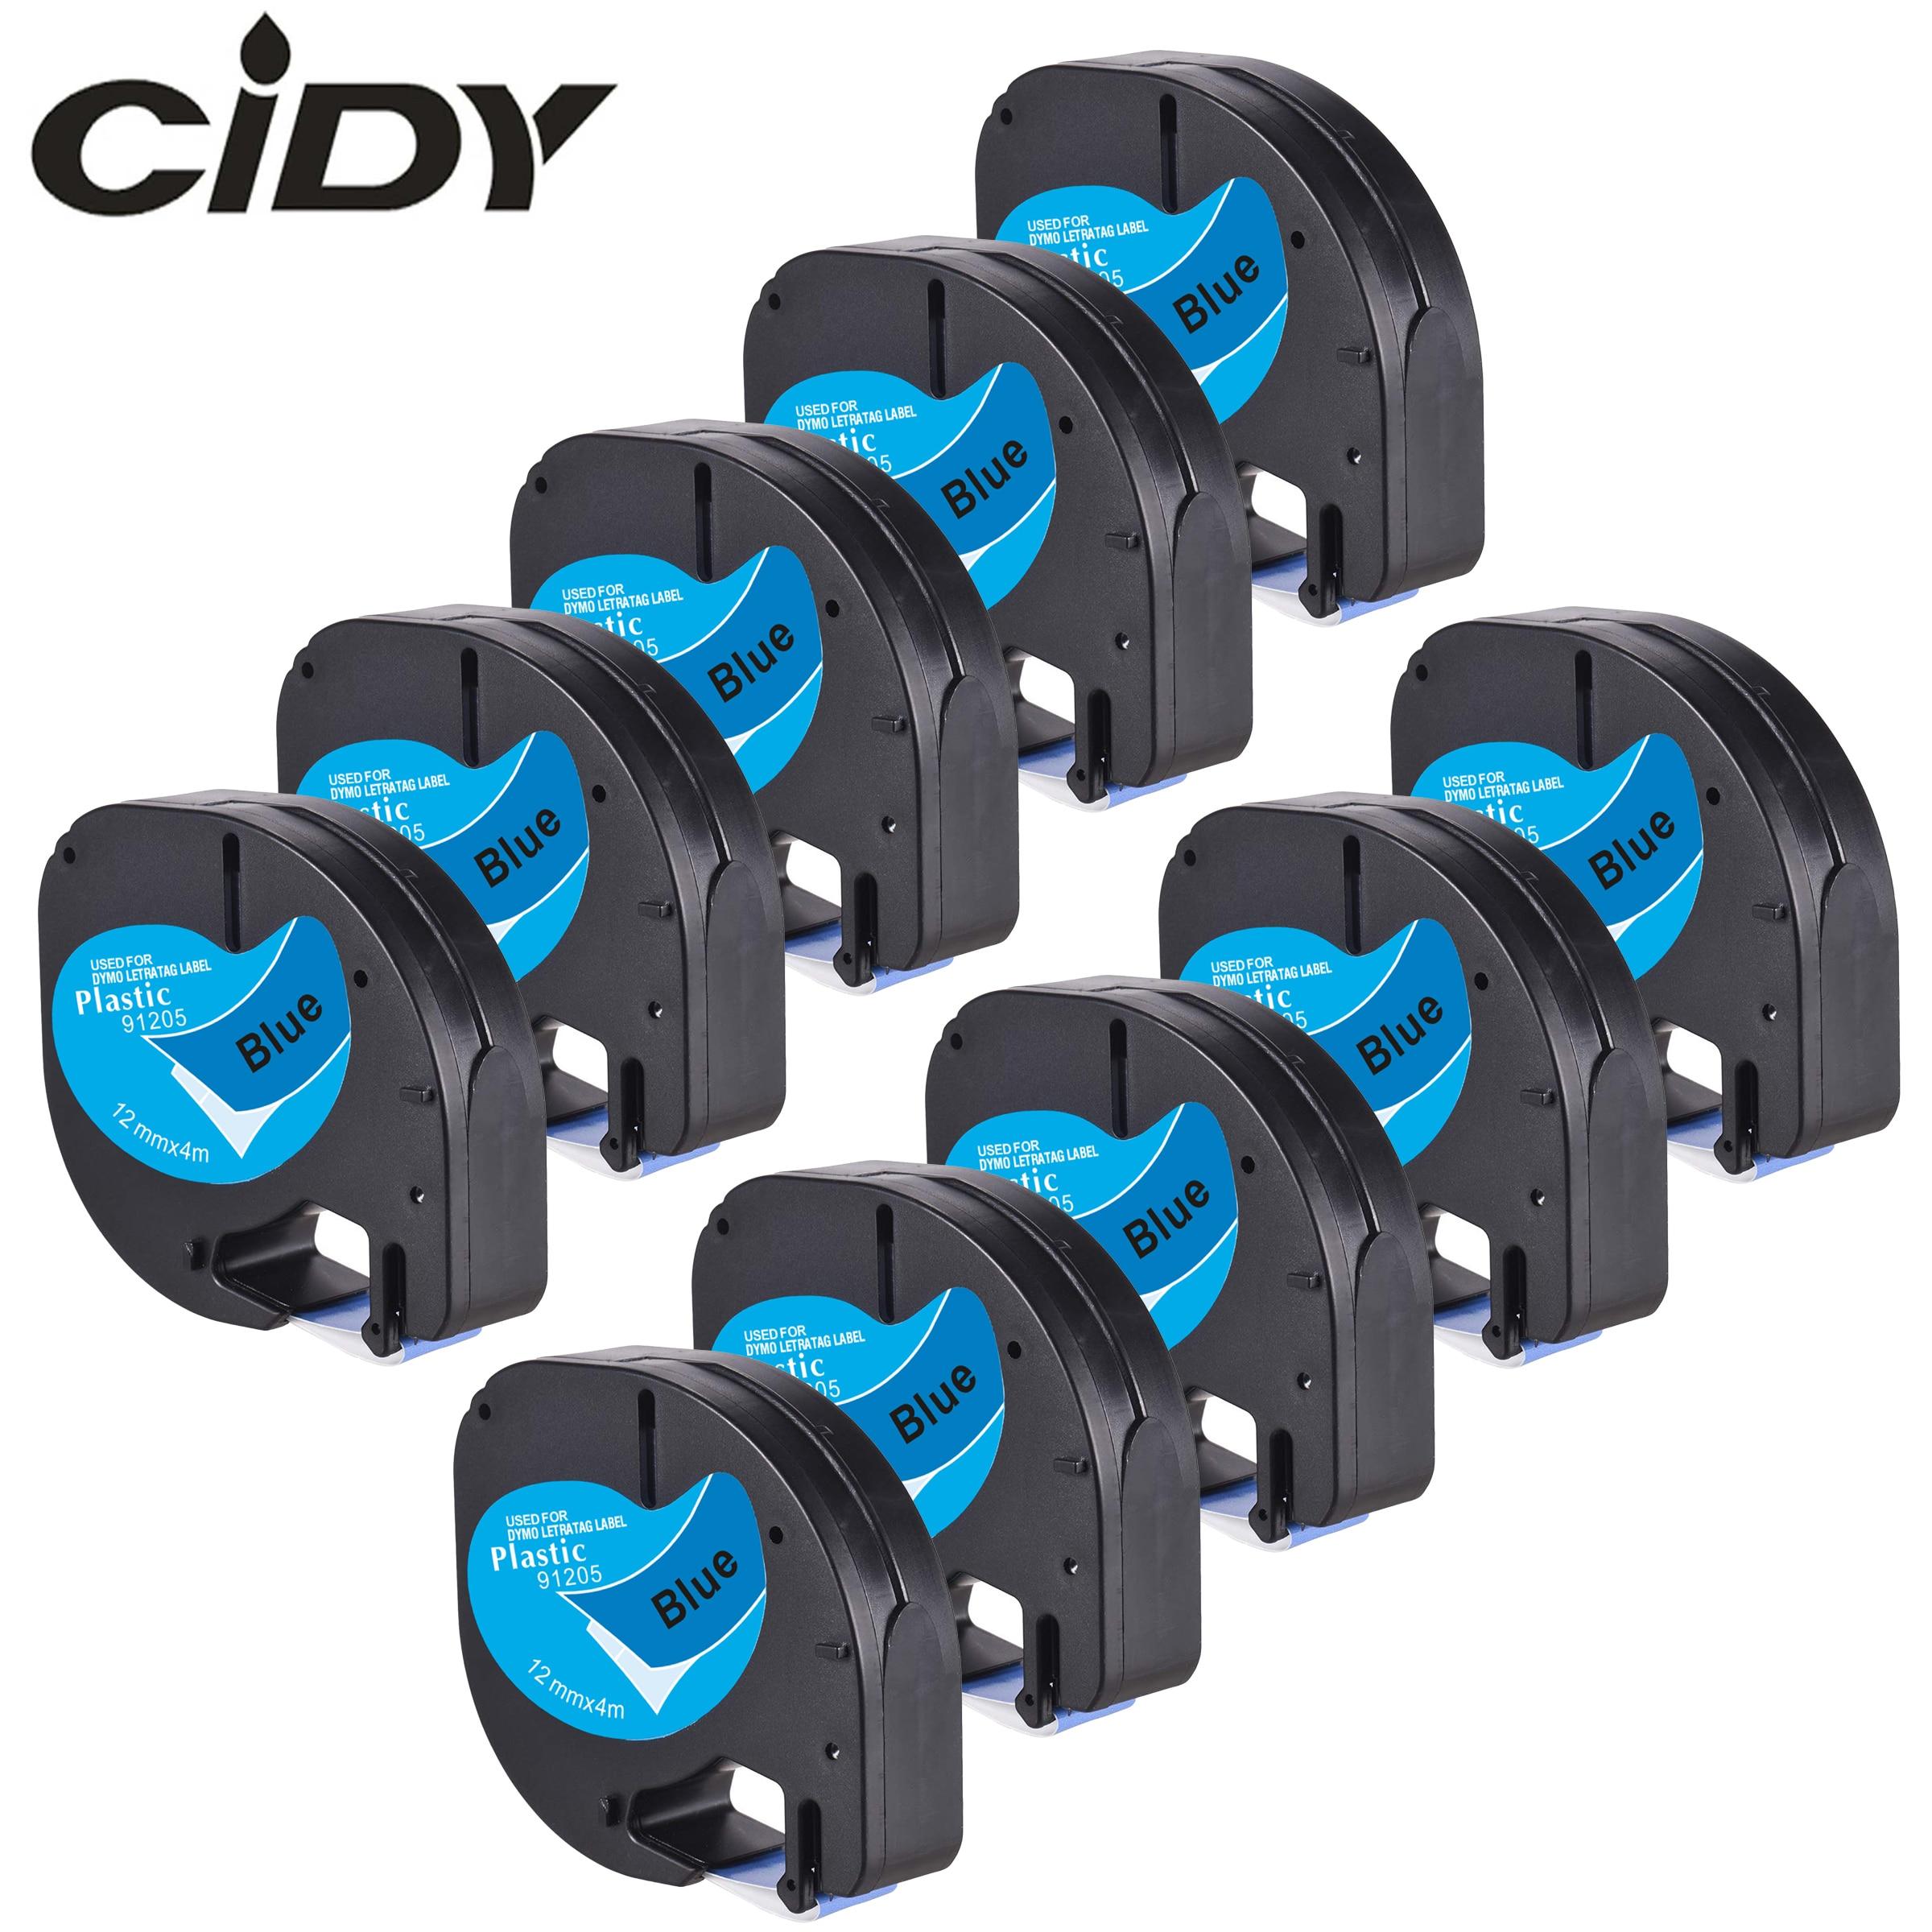 91225 para Impressoras Rótulo para Lt-100h Cidy Preto Azul Plástico Letratag lt 91205 Lt91205 Lt91335 Dymo 10pk 12mm no